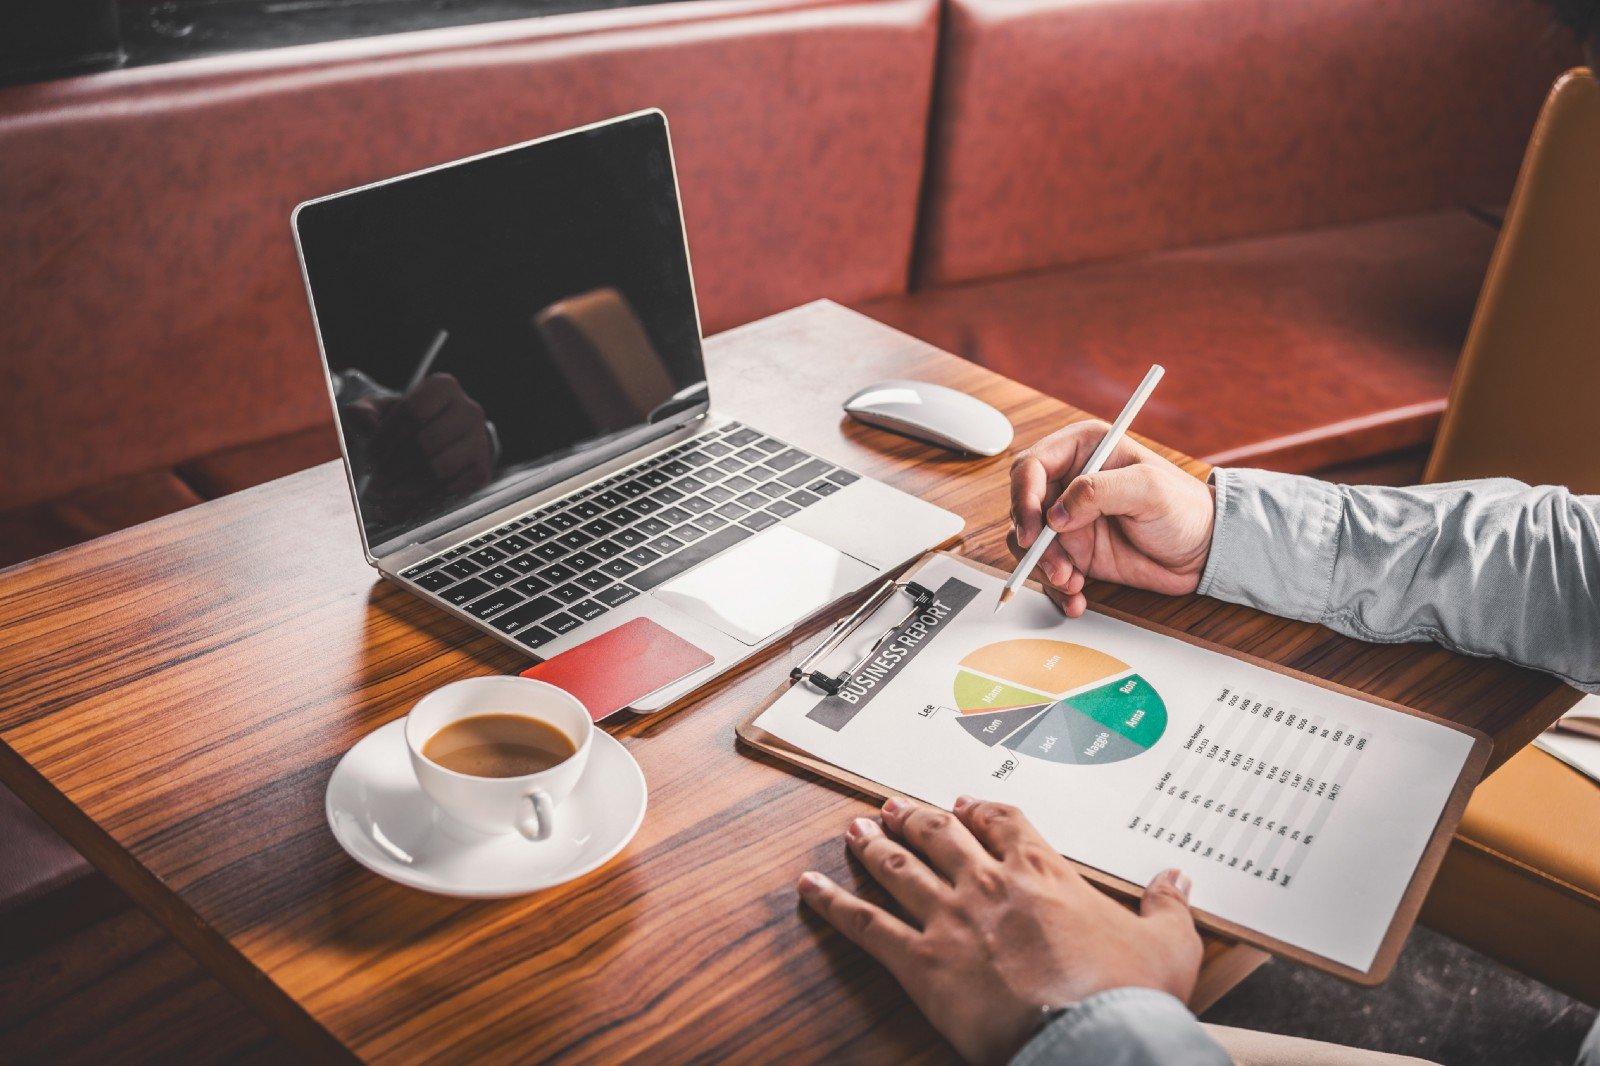 İnternette İşleri Büyütmek İstiyor Musunuz? - - web tasarım, web site, türkiye, sosyal medya dikkat, sosyal medya, portakalweb, grafik tasarım, adobe illustrator